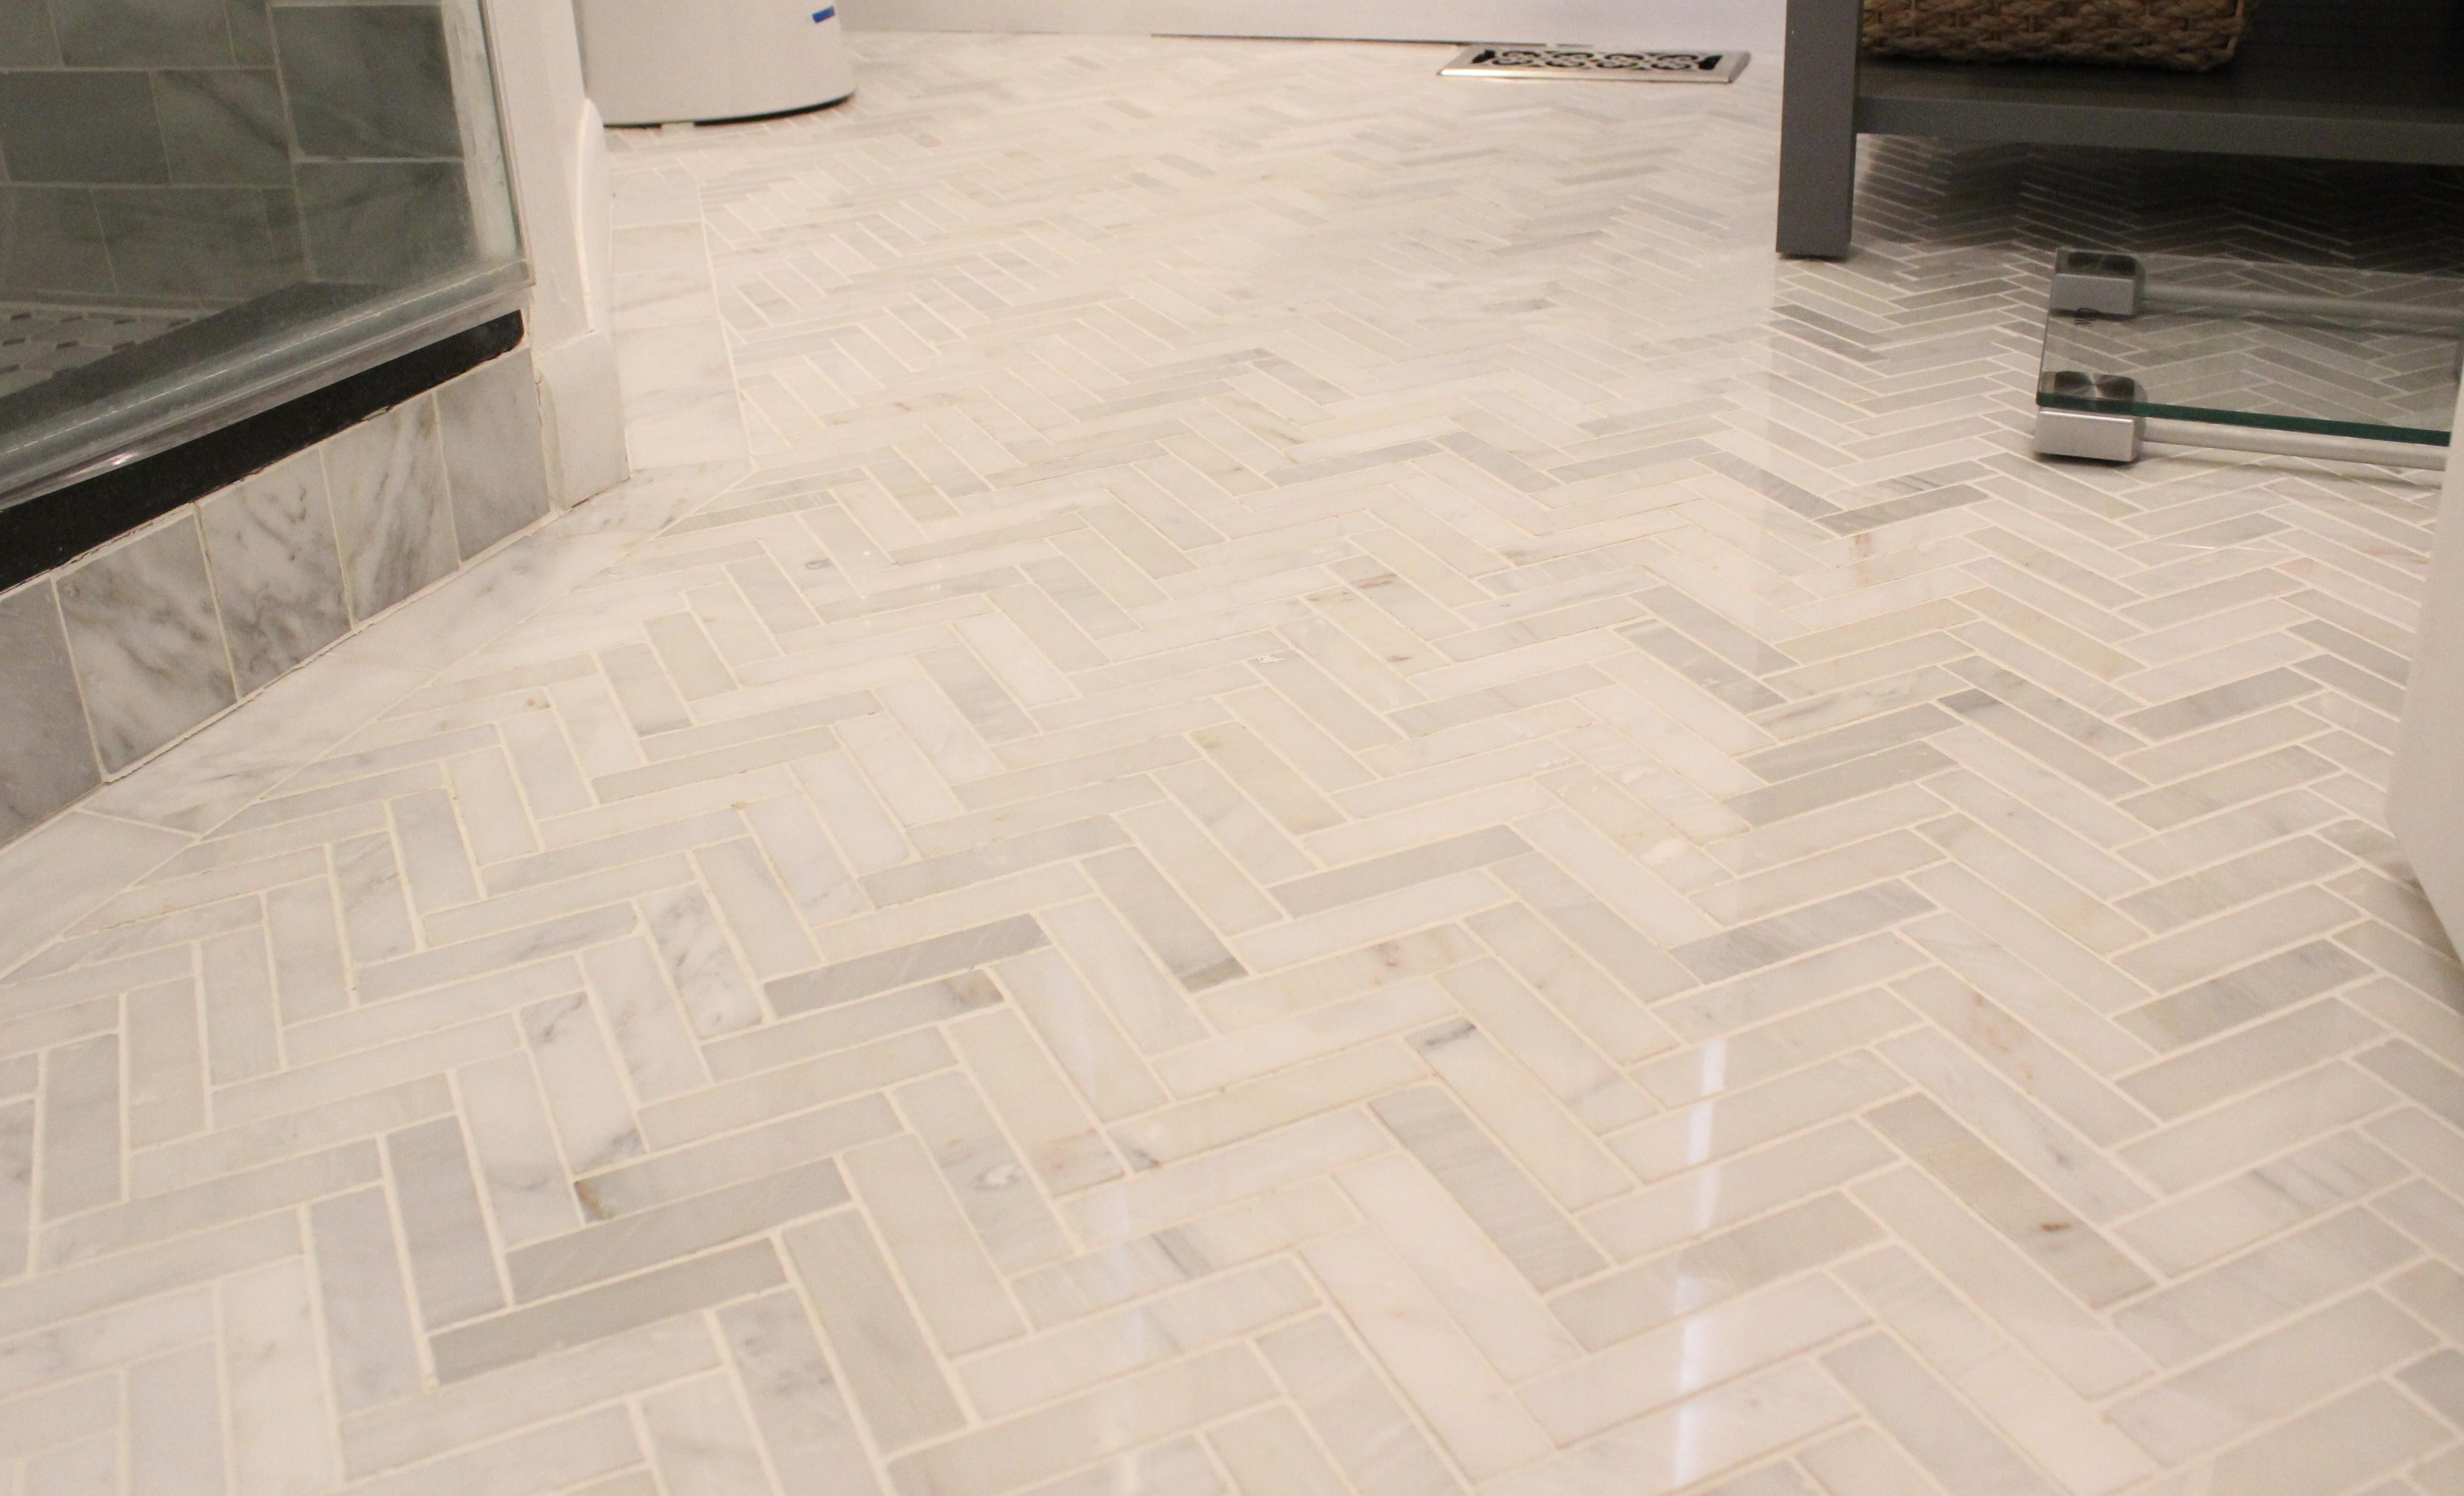 carrera marble herringbone tile bathroom floor